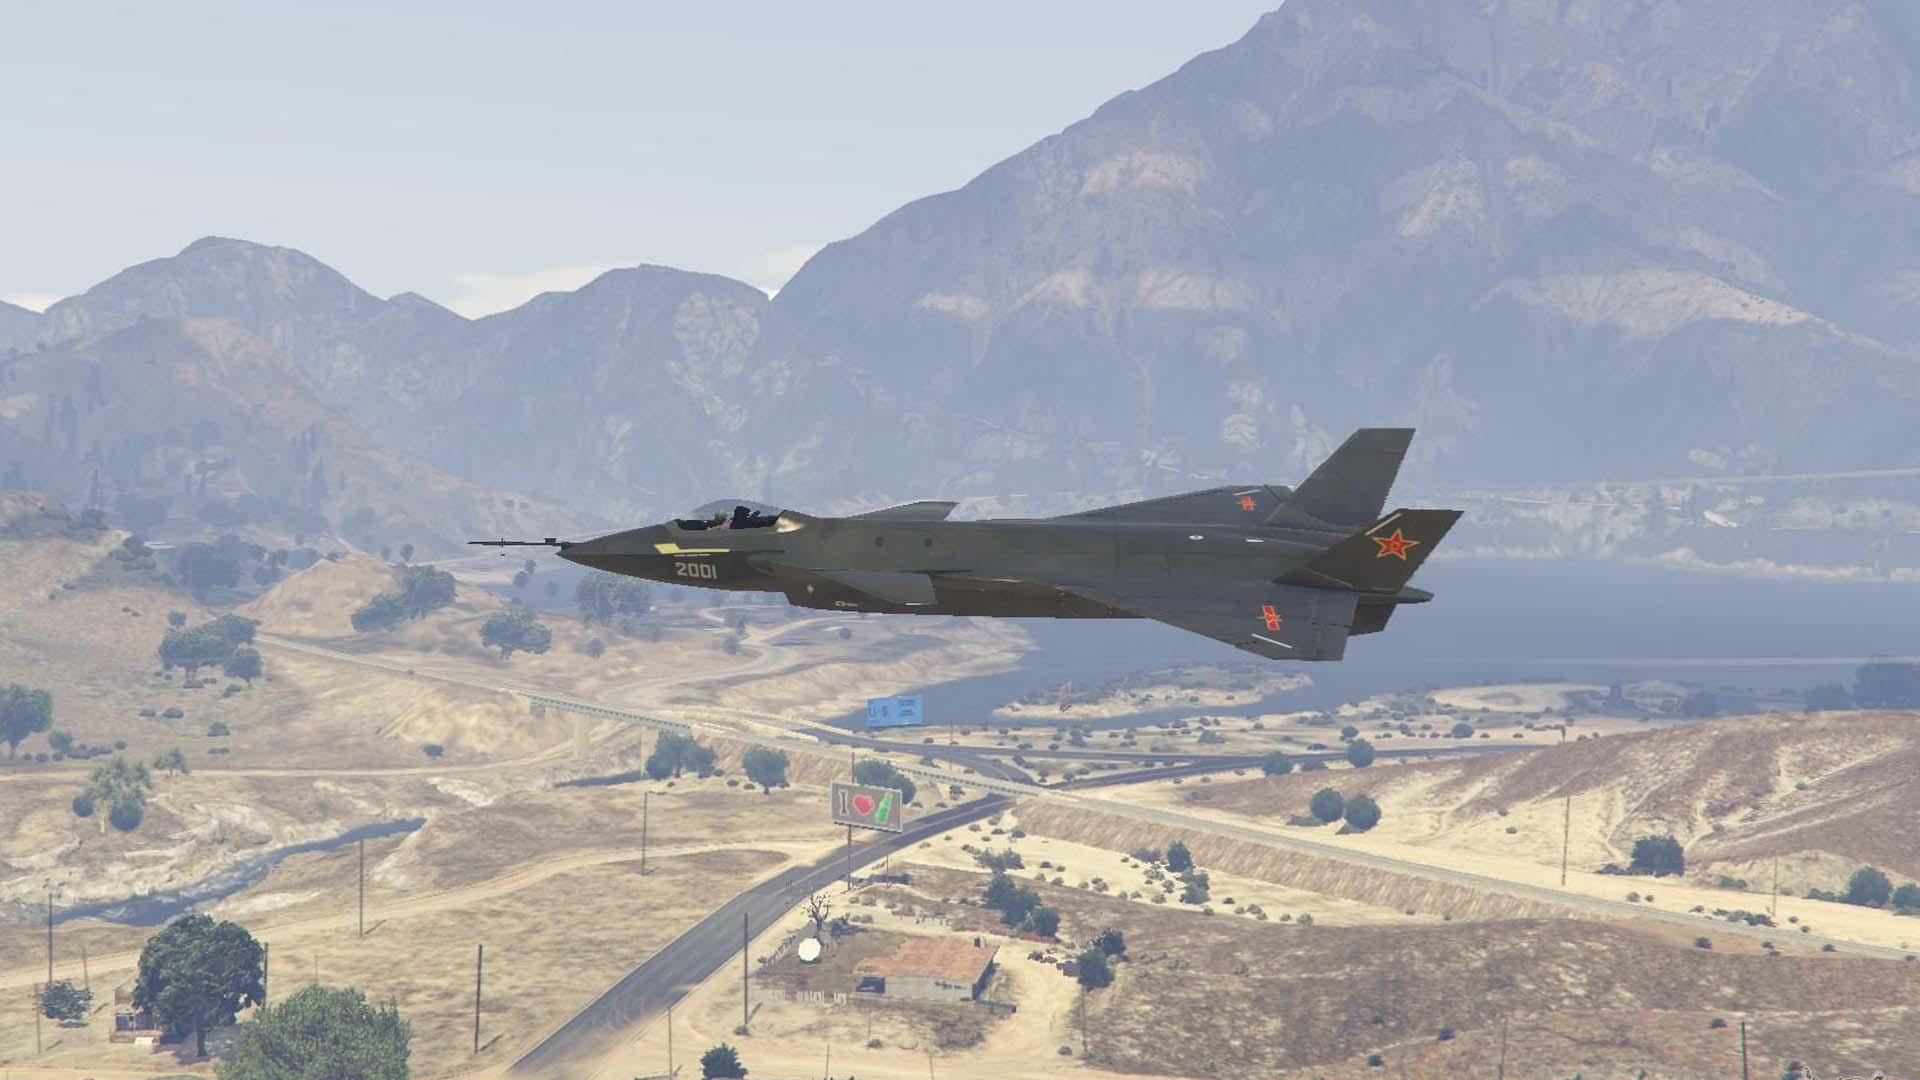 """Pekín quiere modernizar y mejorar sus capacidades militares con el modelo """"Chengdu J-20"""""""